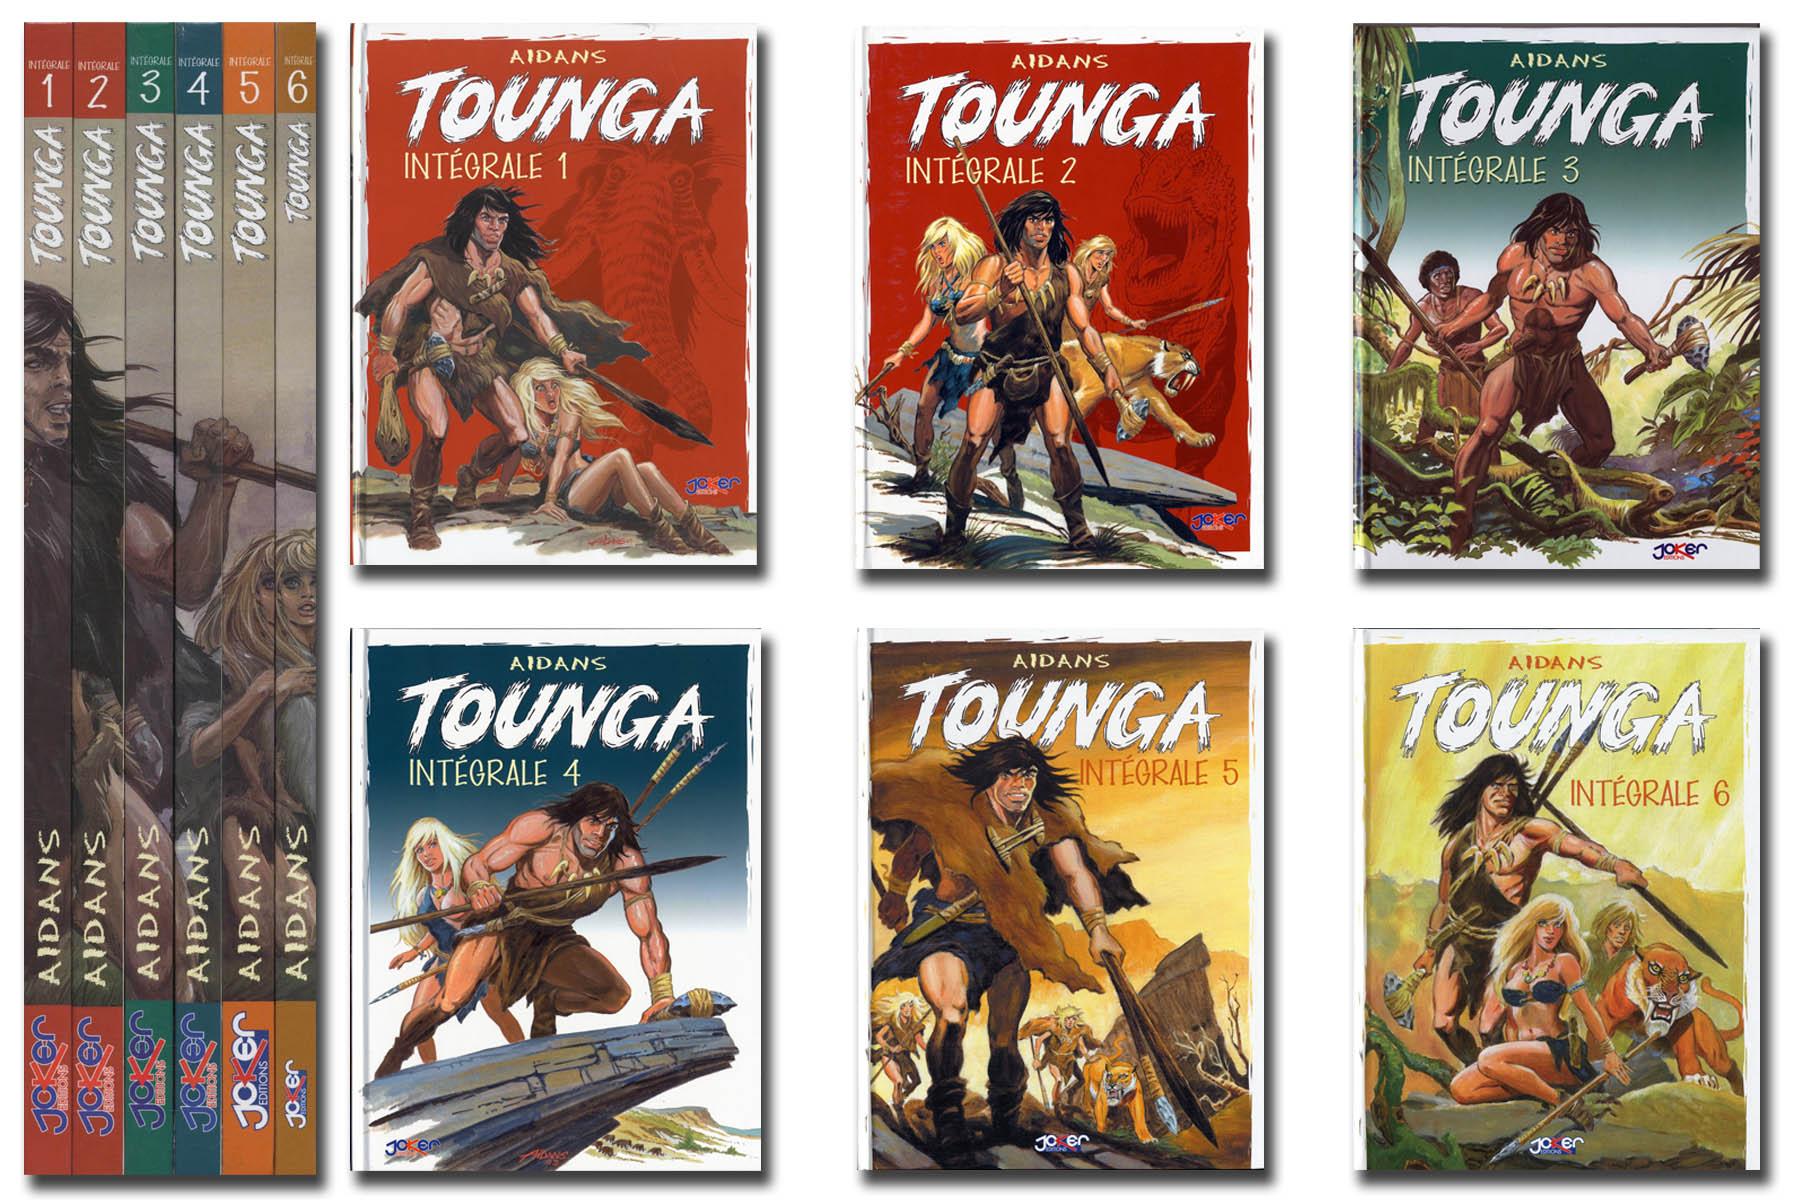 Livre BD - Tounga : Intégrale 1 à 6 (11,99€ de port)